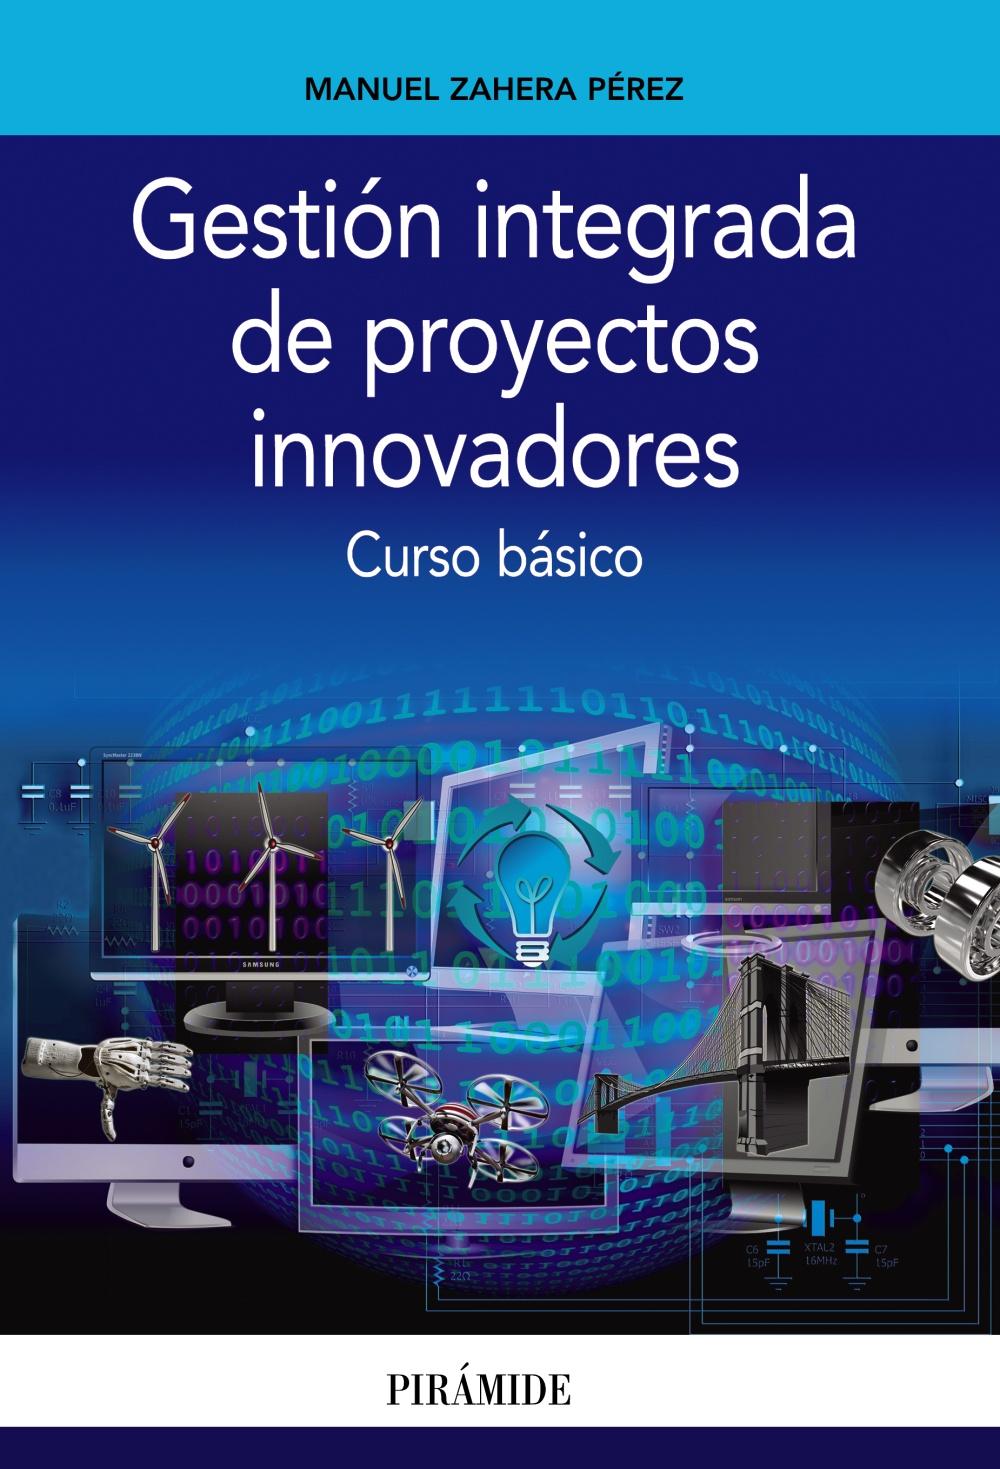 Gestión integrada de proyectos innovadores